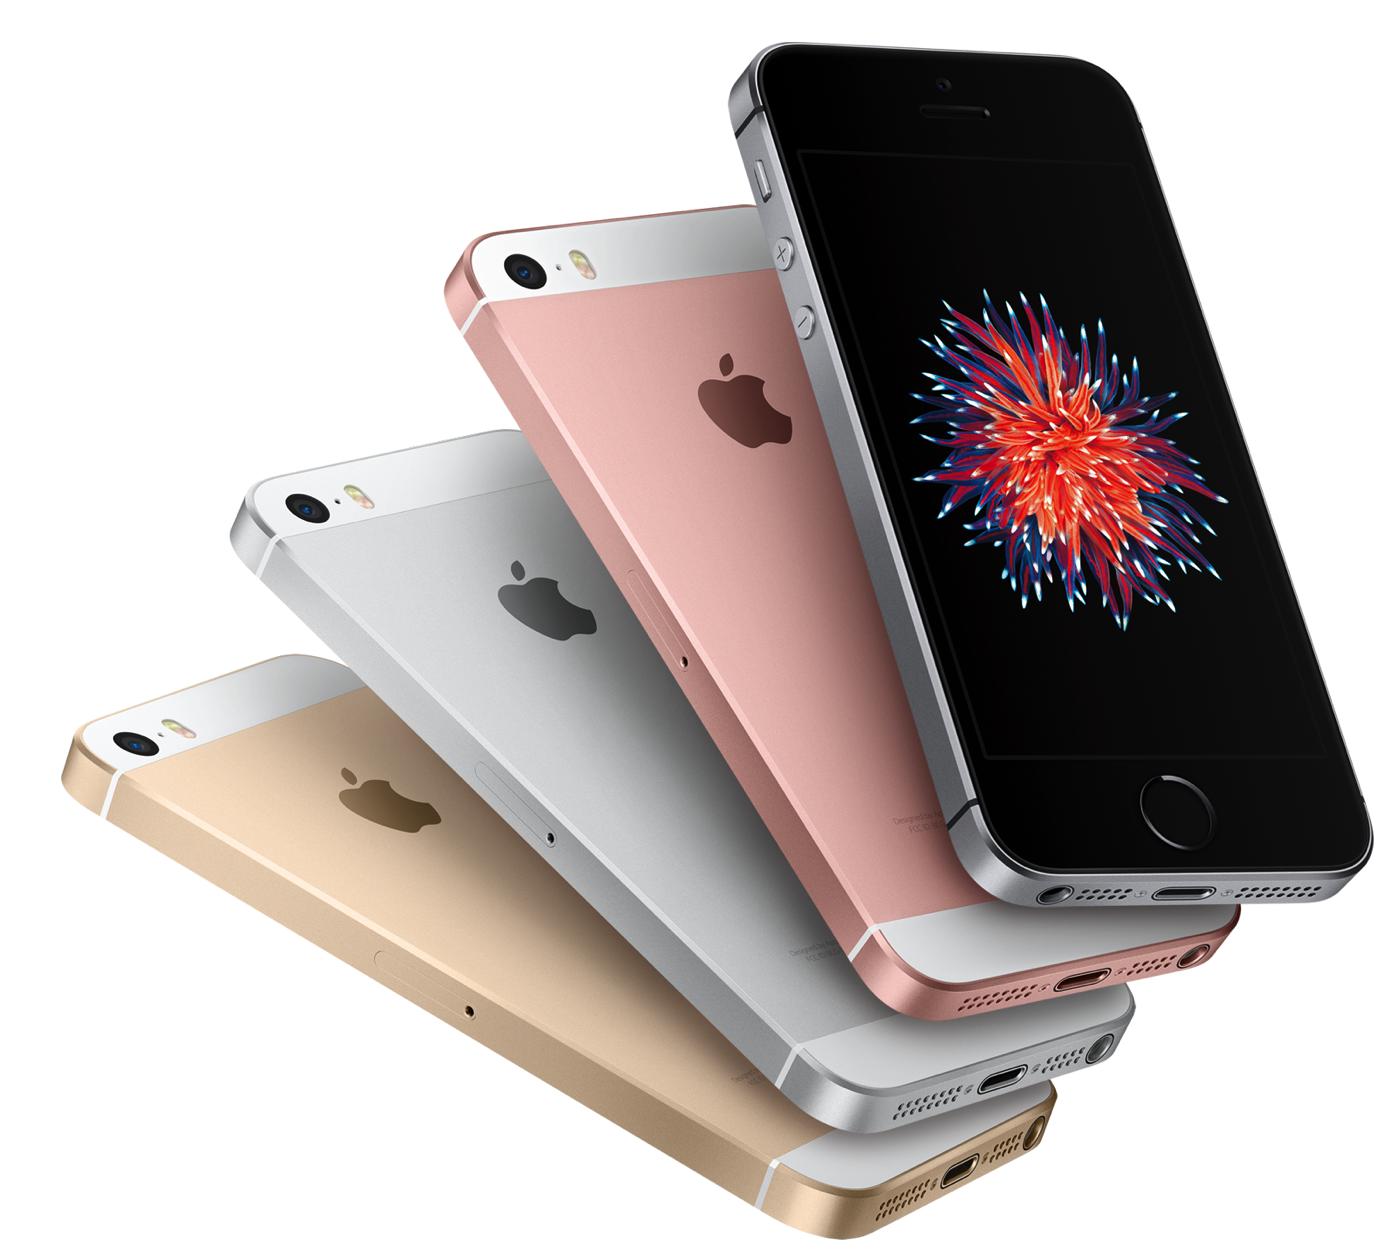 [iPhone][iPad]事前どおりの情報でサプライズはなかったけどiPad Pro 9.7インチとiPhone SEがでましたね